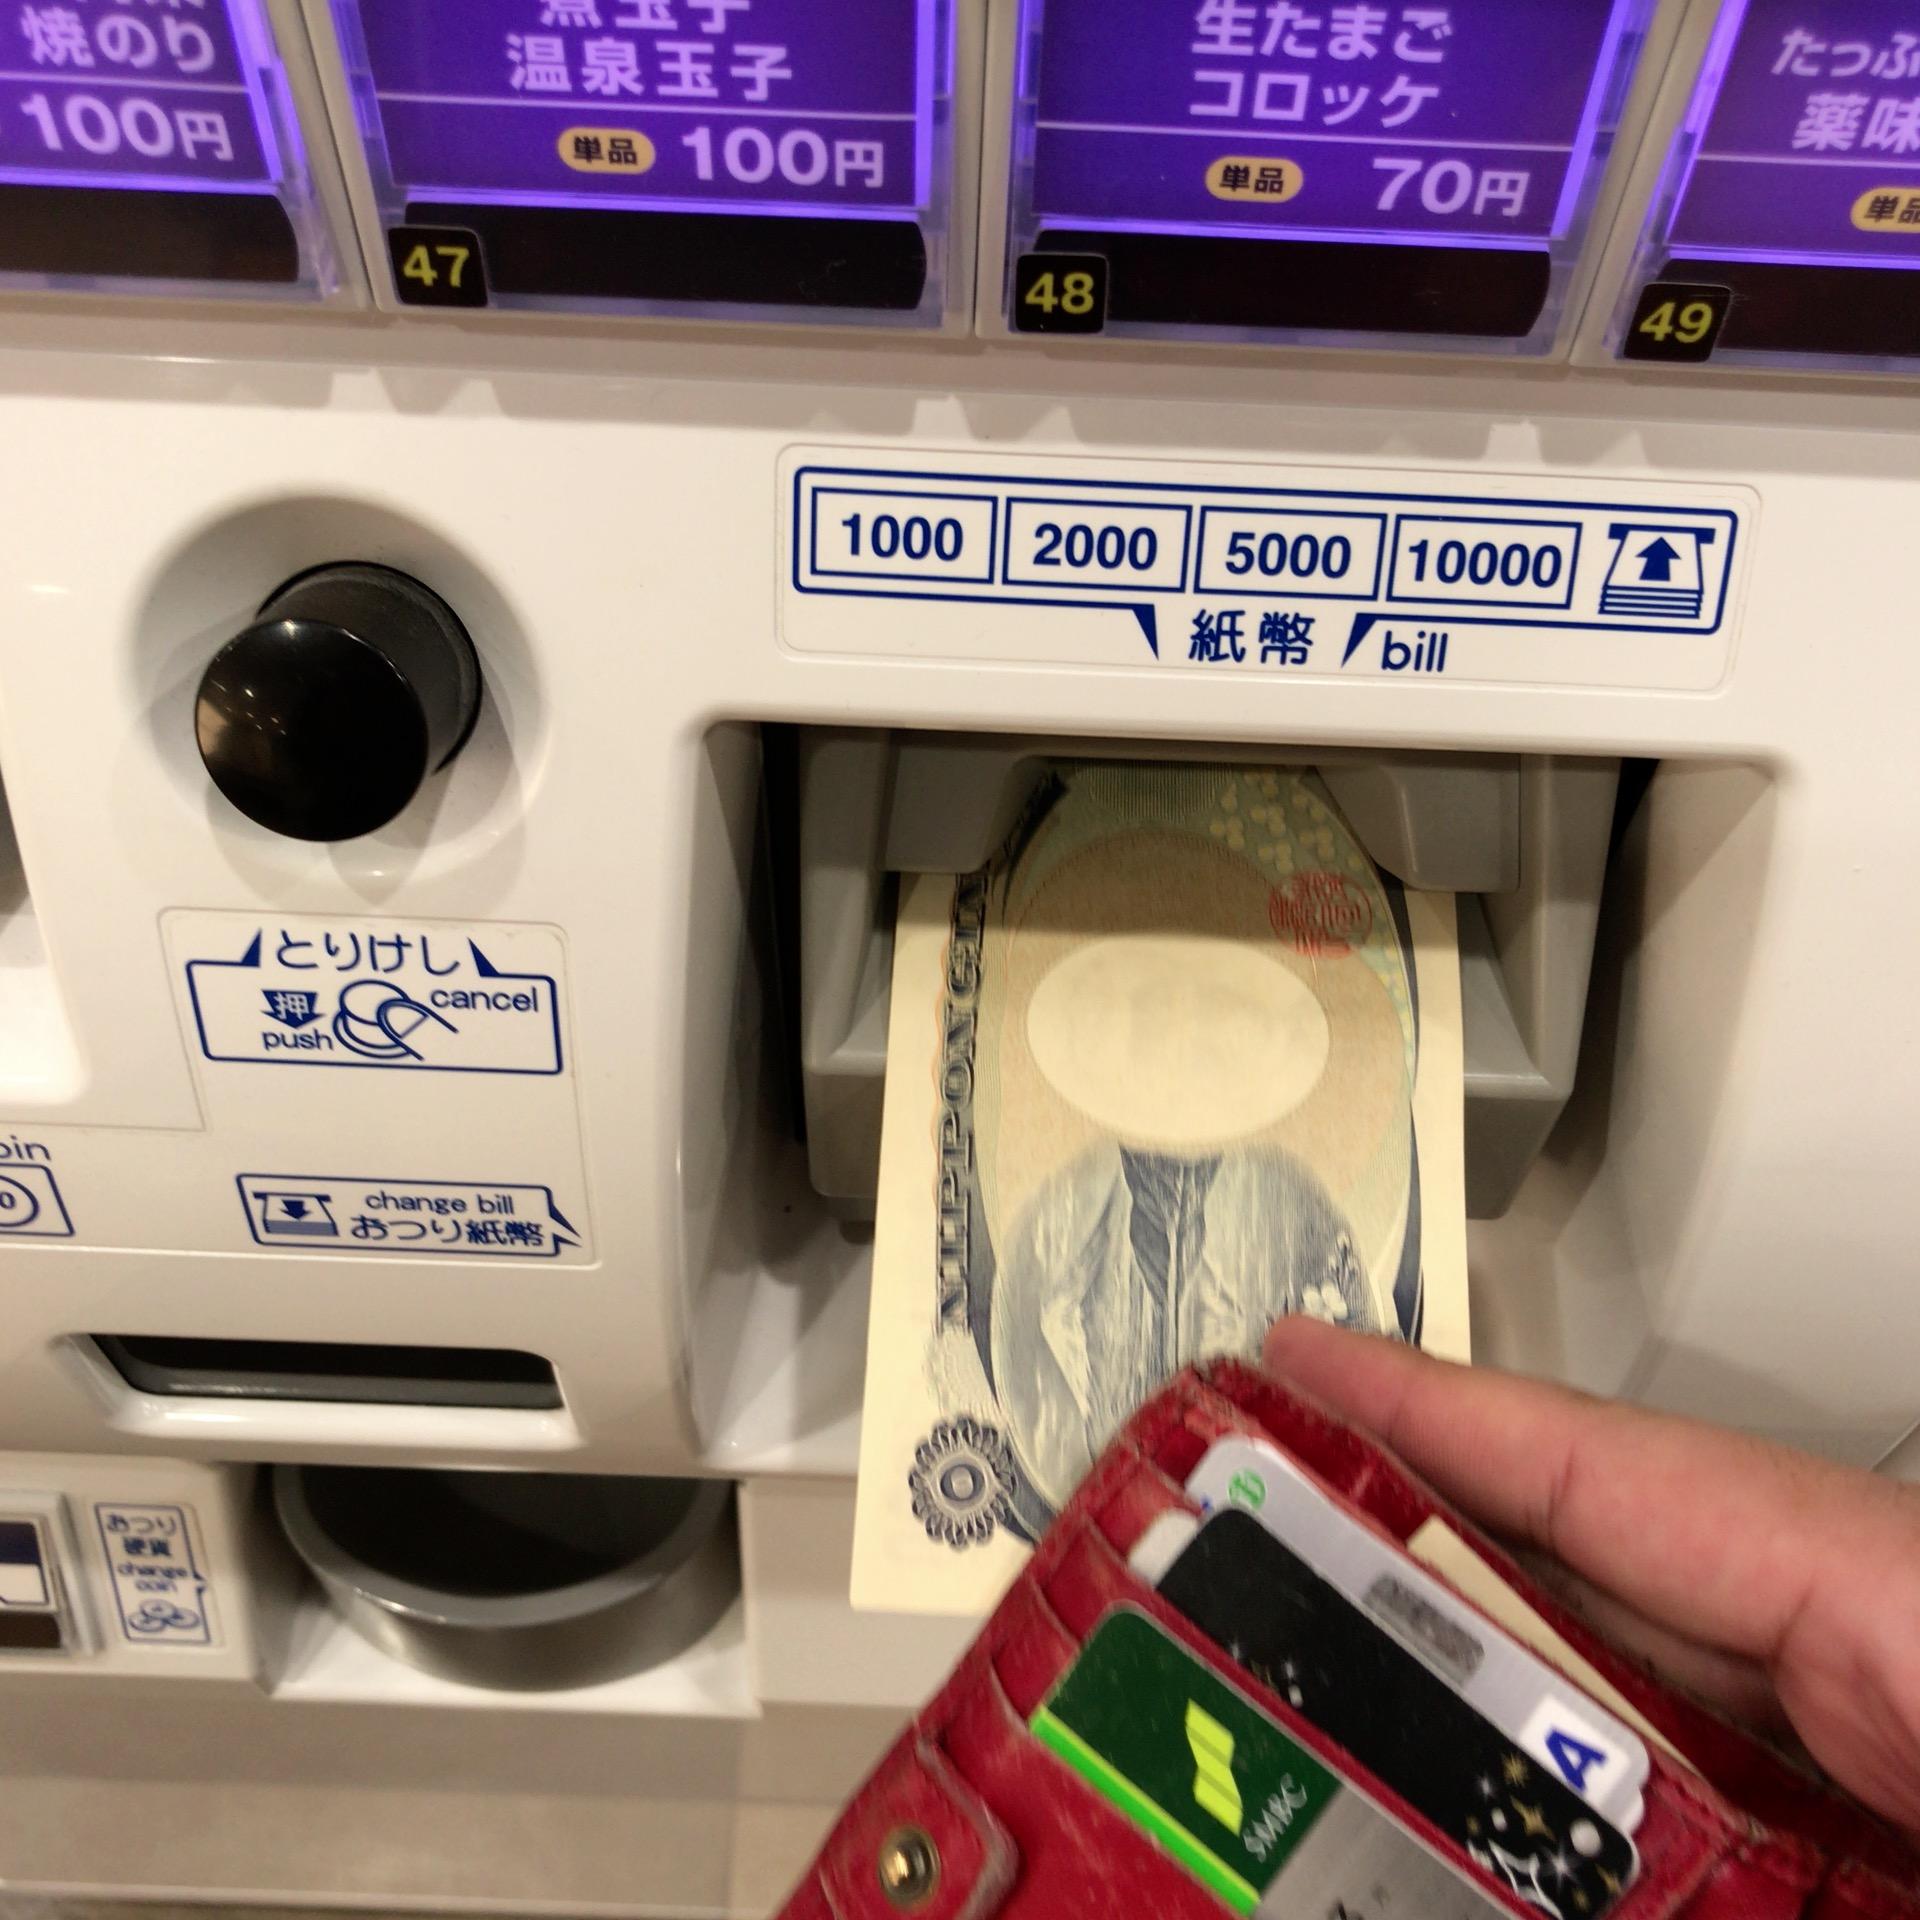 券売機にお金を入れている